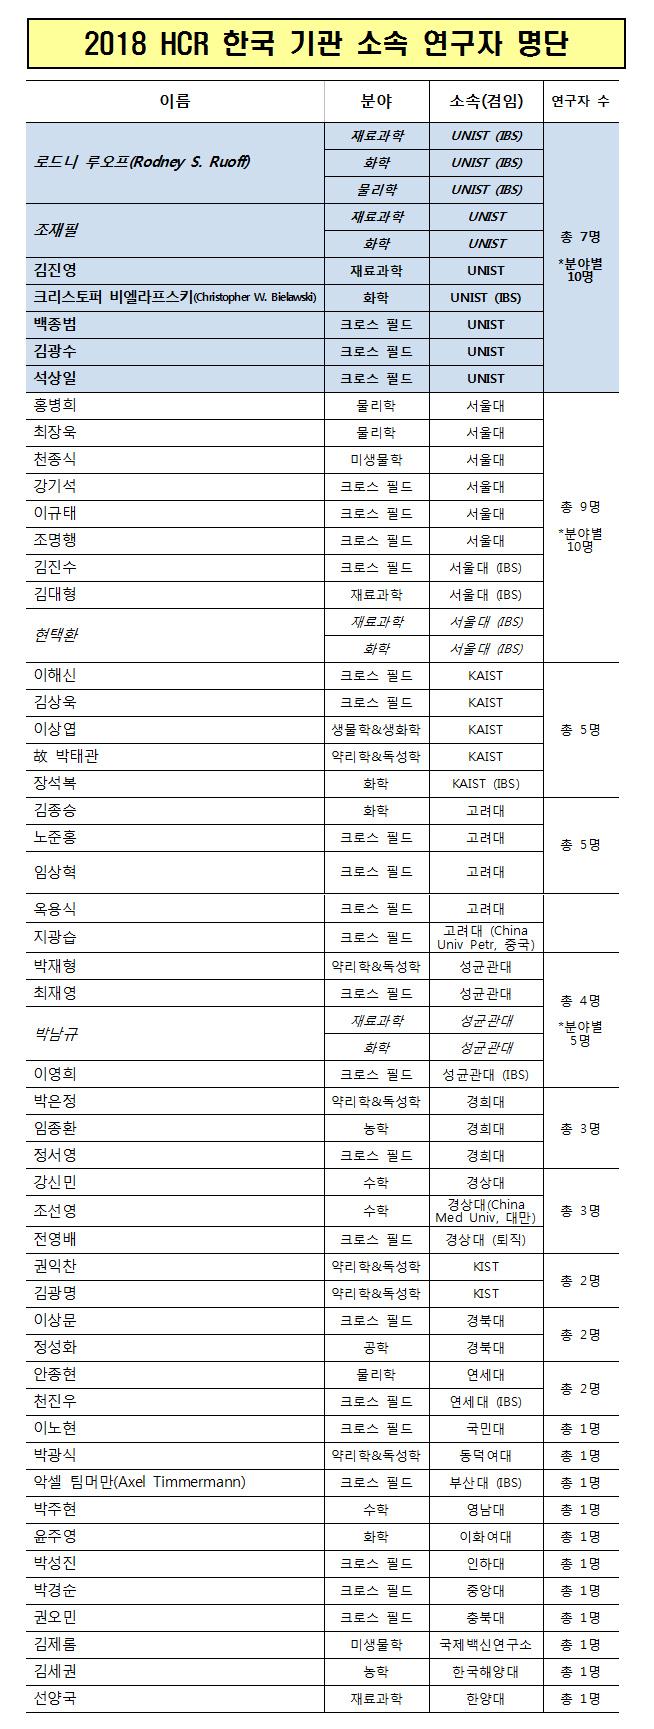 2018 HCR in Korea